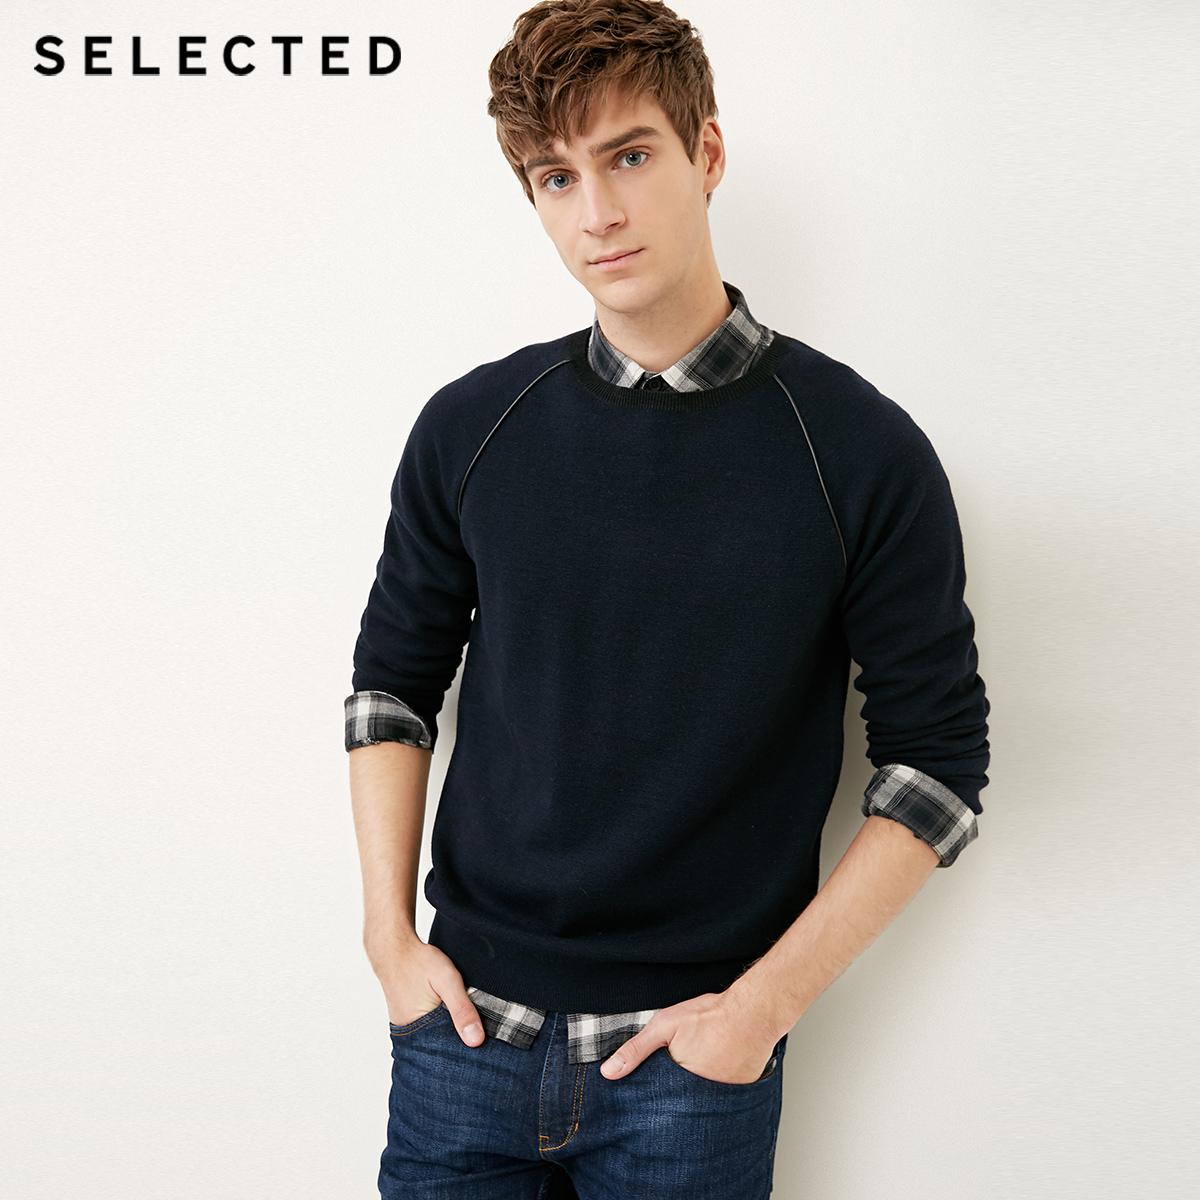 Собирать SELECTED мысль сорняки мораль бараны волосы твердый сращивание круглый вырез мужской свитер свитер S|418124546